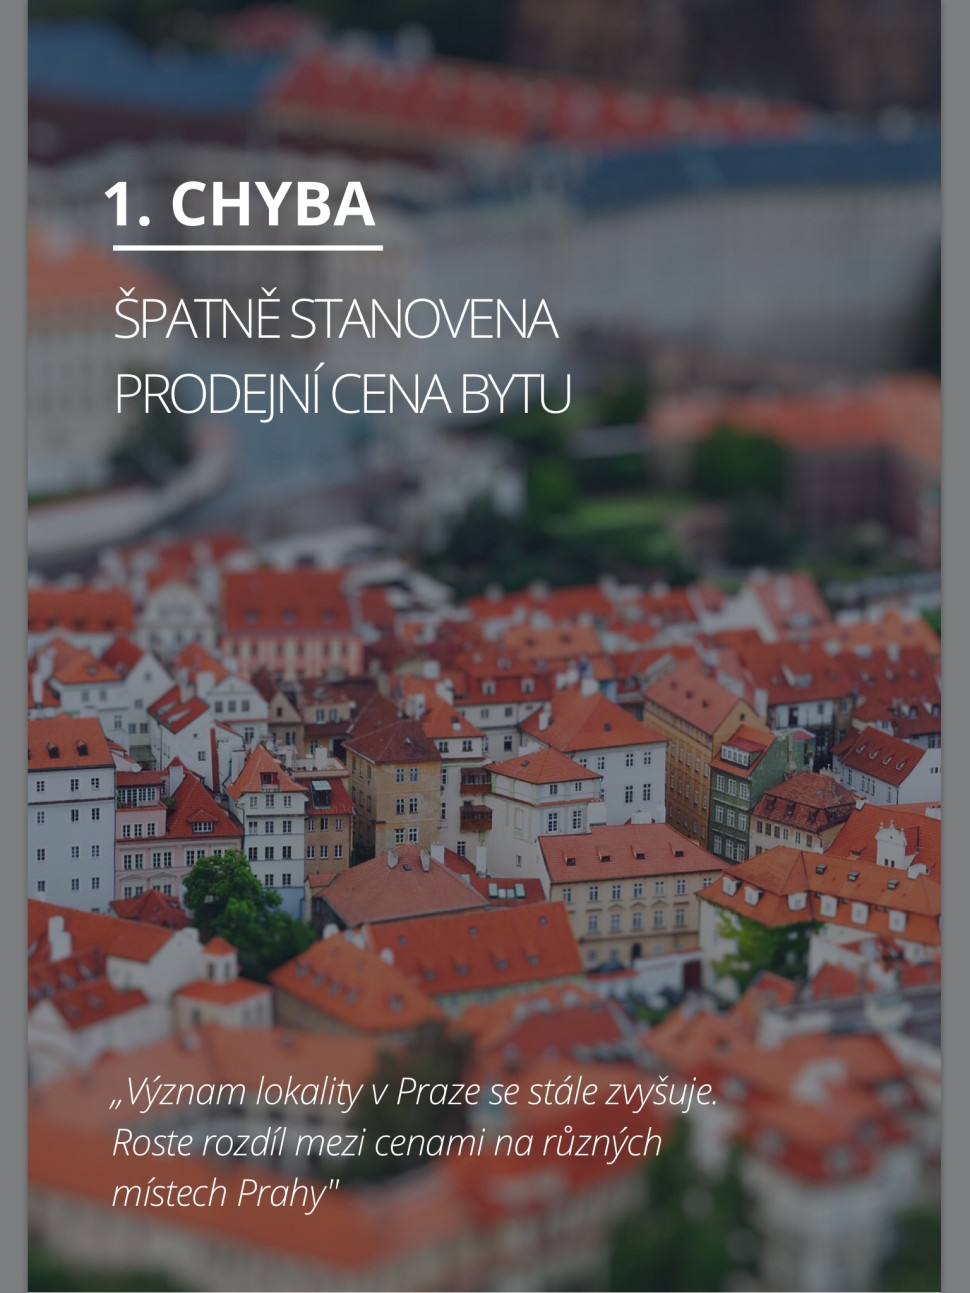 E-book 7 chyb při prodeji bytu v Praze. David Majer, realitní specialista